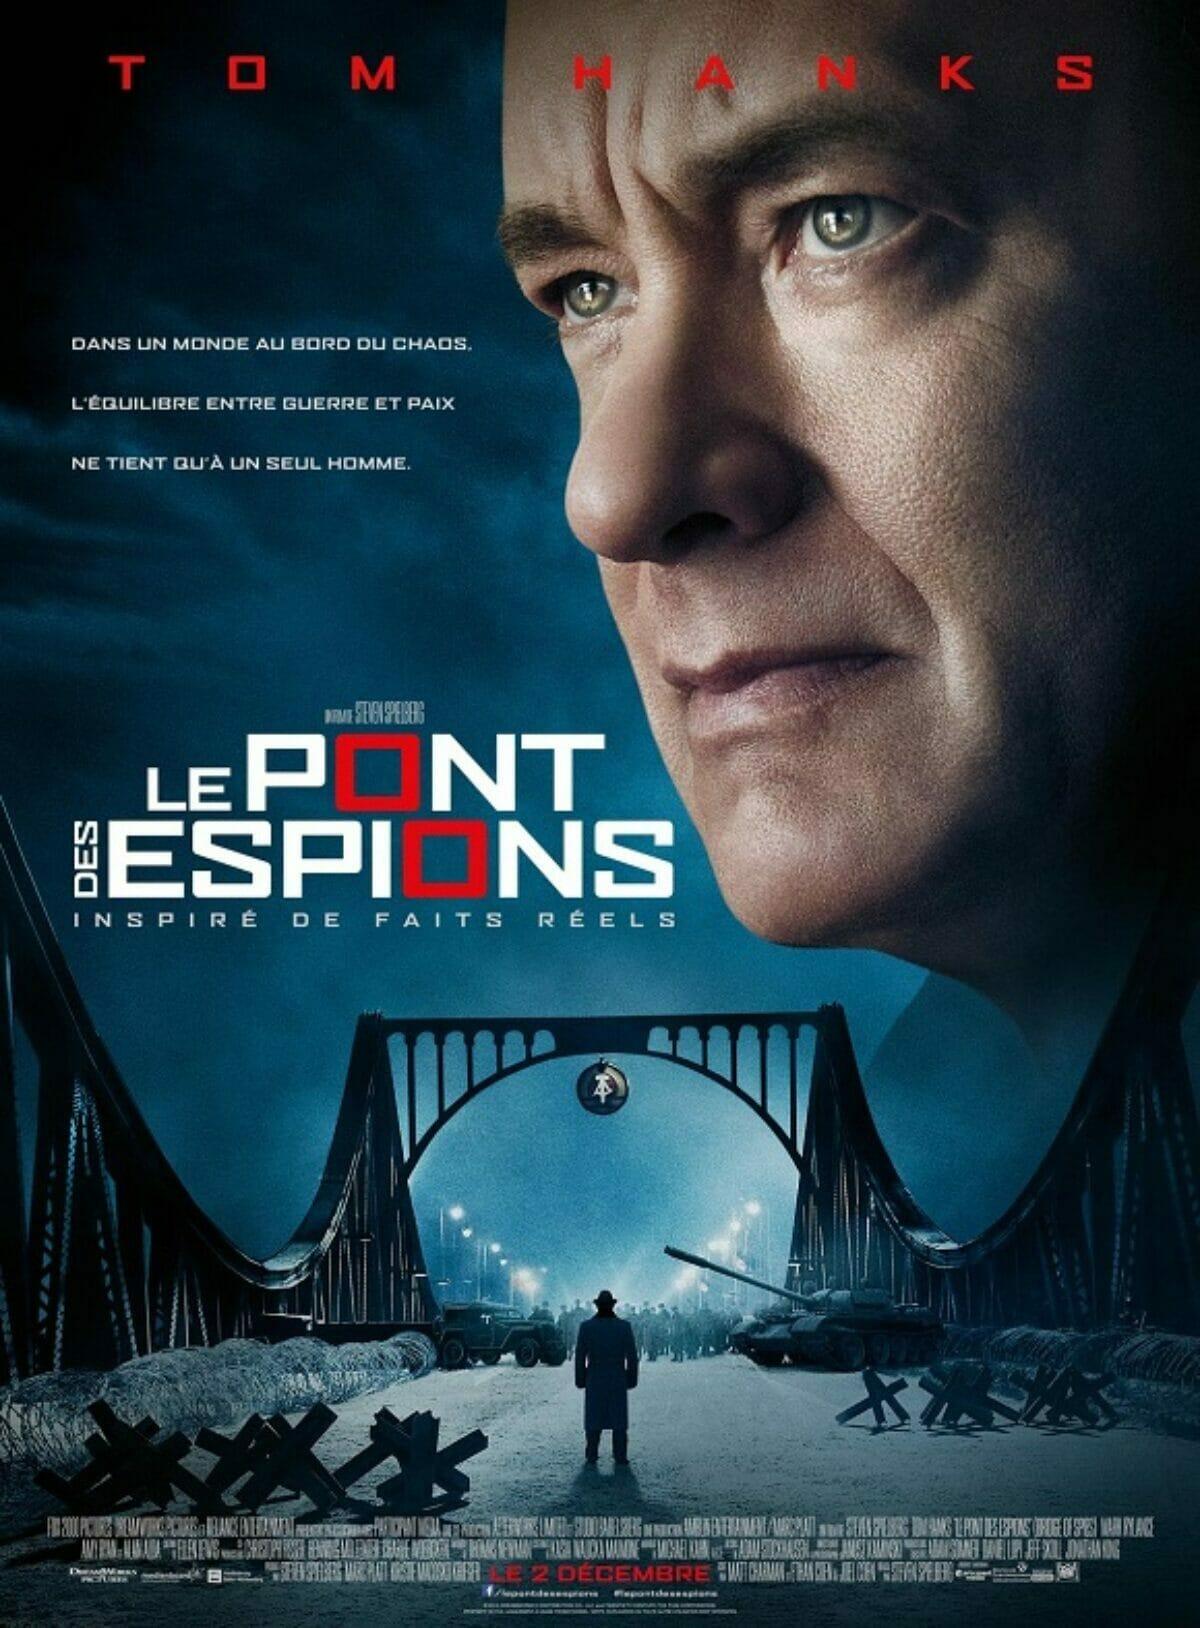 Le-Pont-des-Espions-poster-France